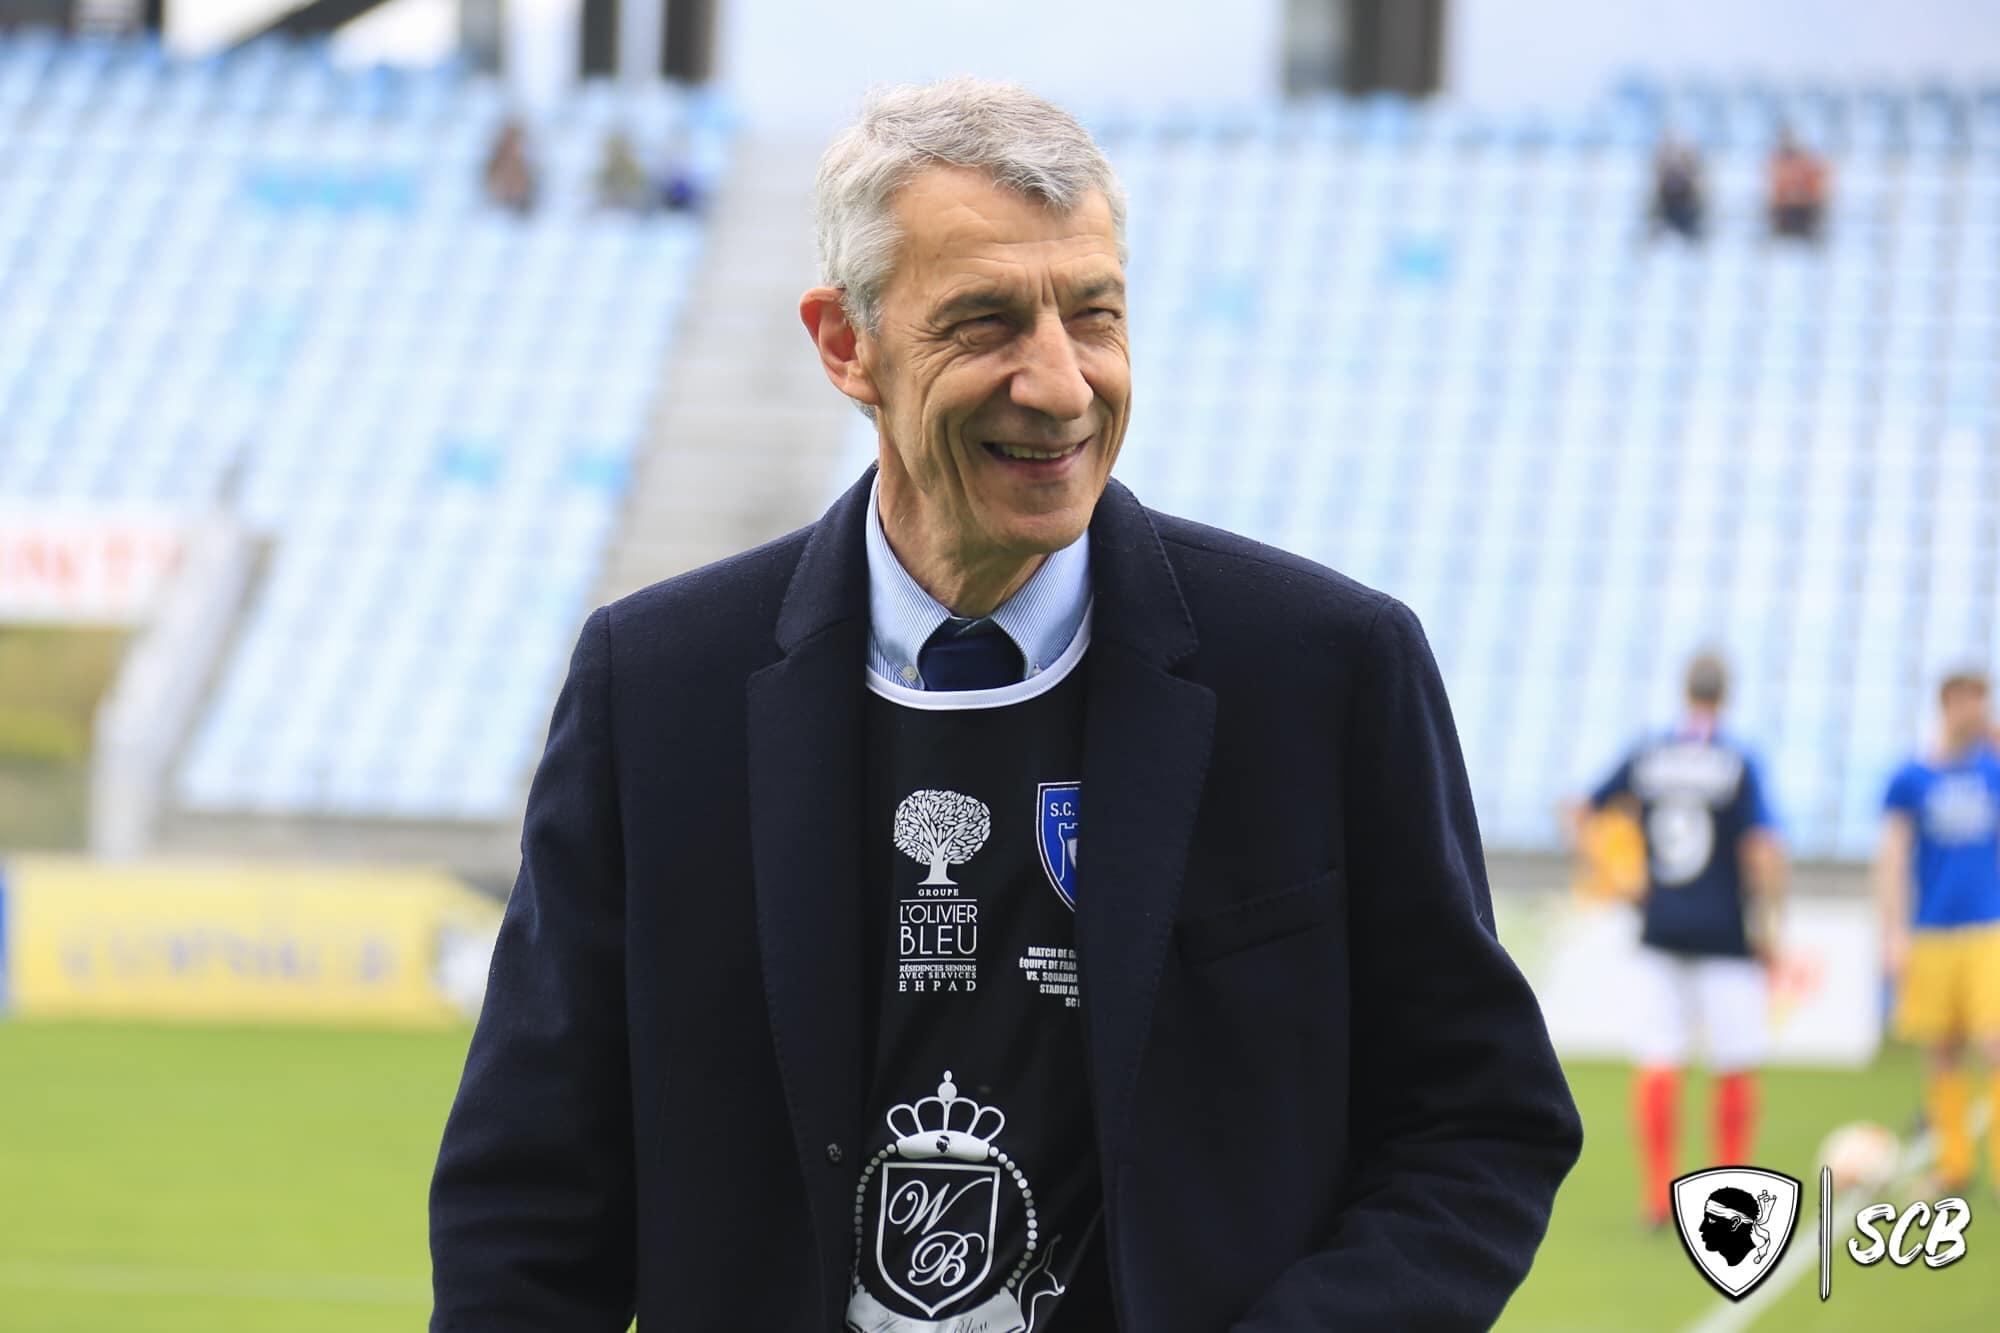 Squadra Corsa di l'eletti 4-1 Équipe de France des parlementaires (18/05/2019)